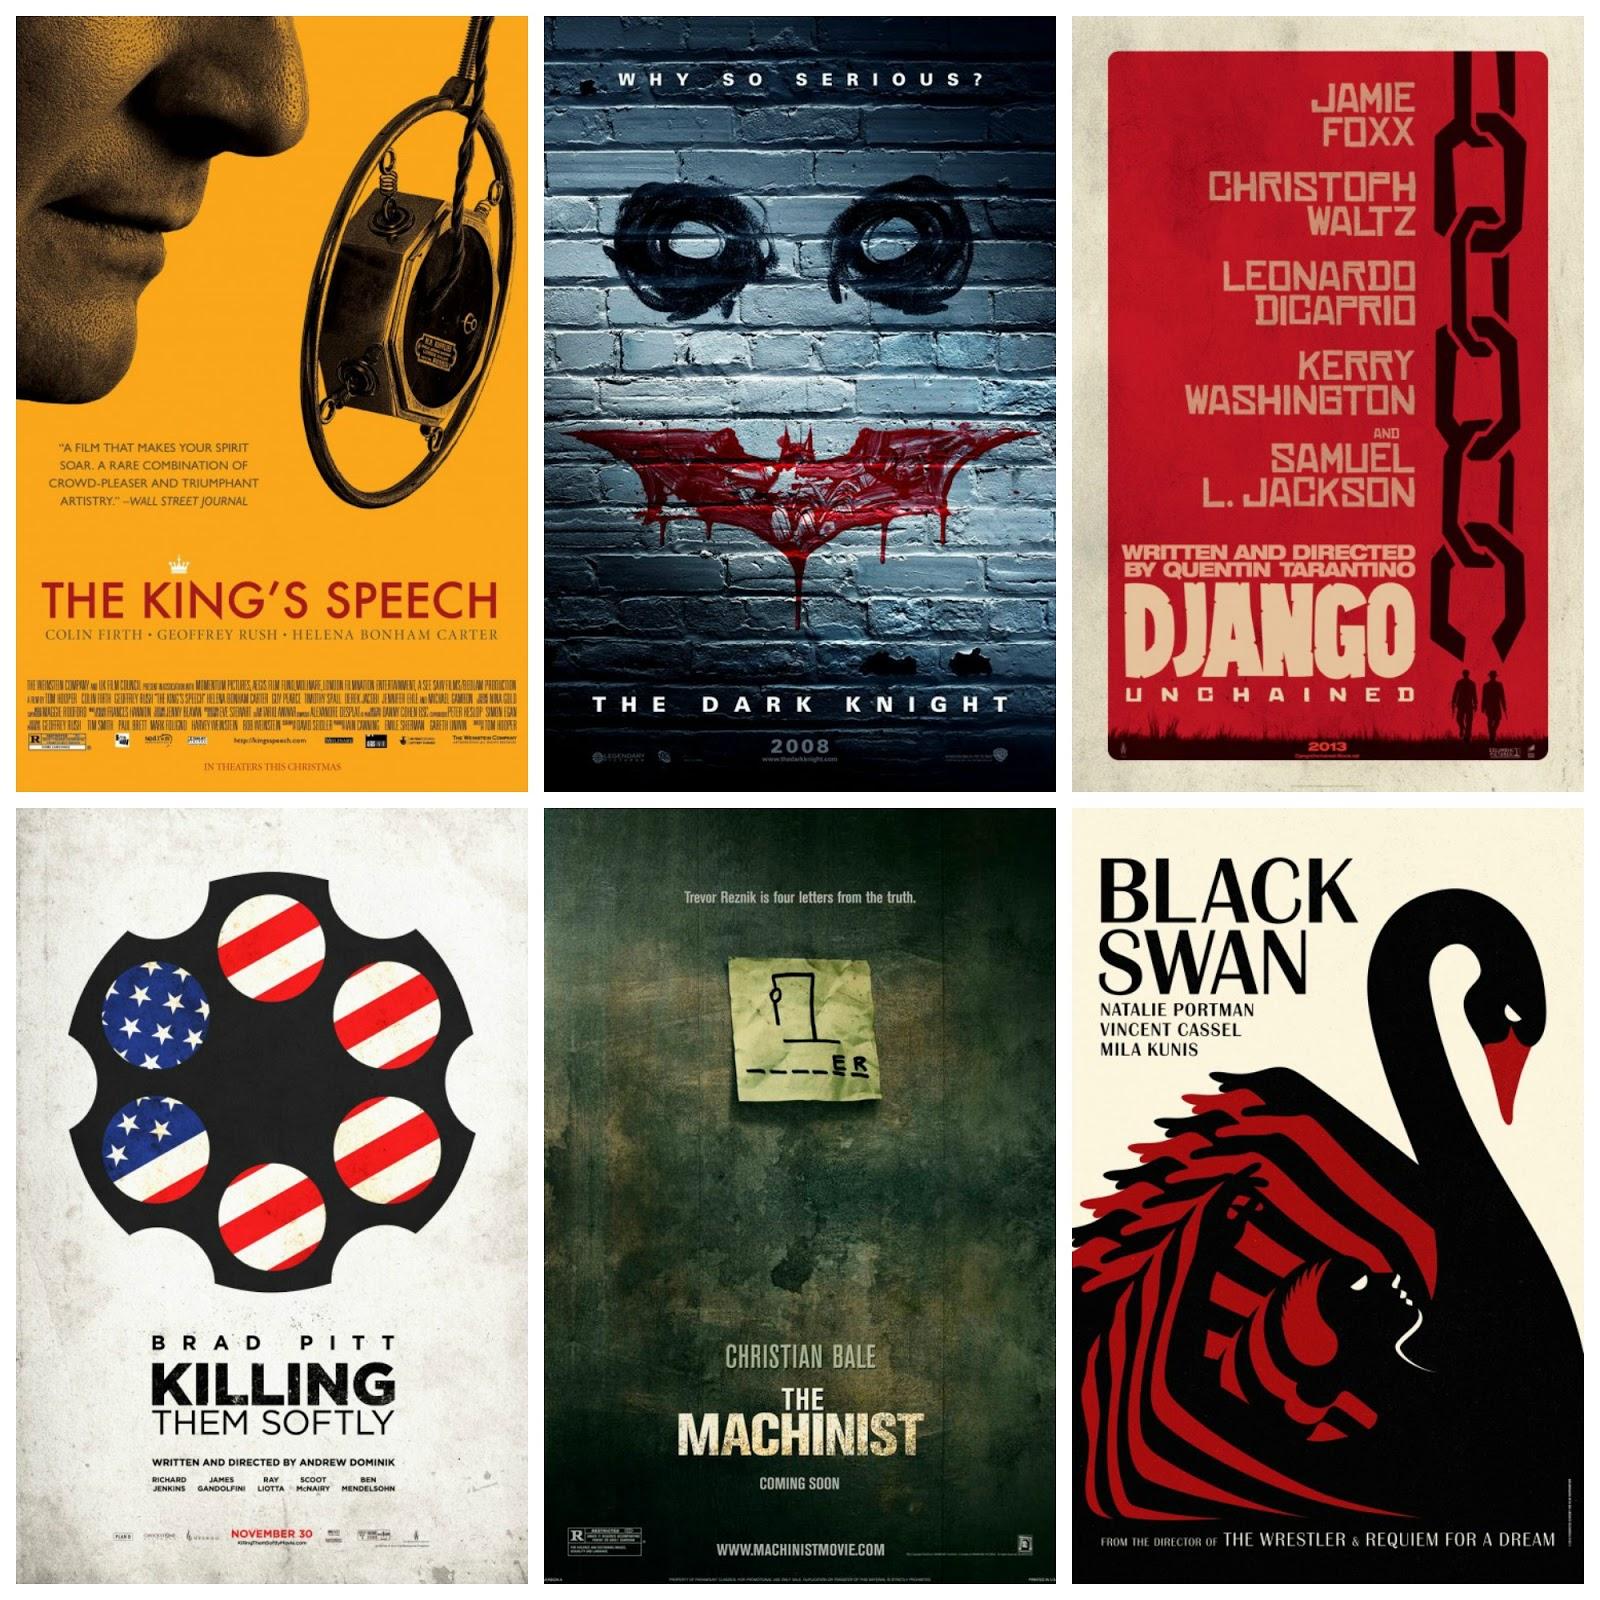 Filmsourcing Top 50 Posters 2